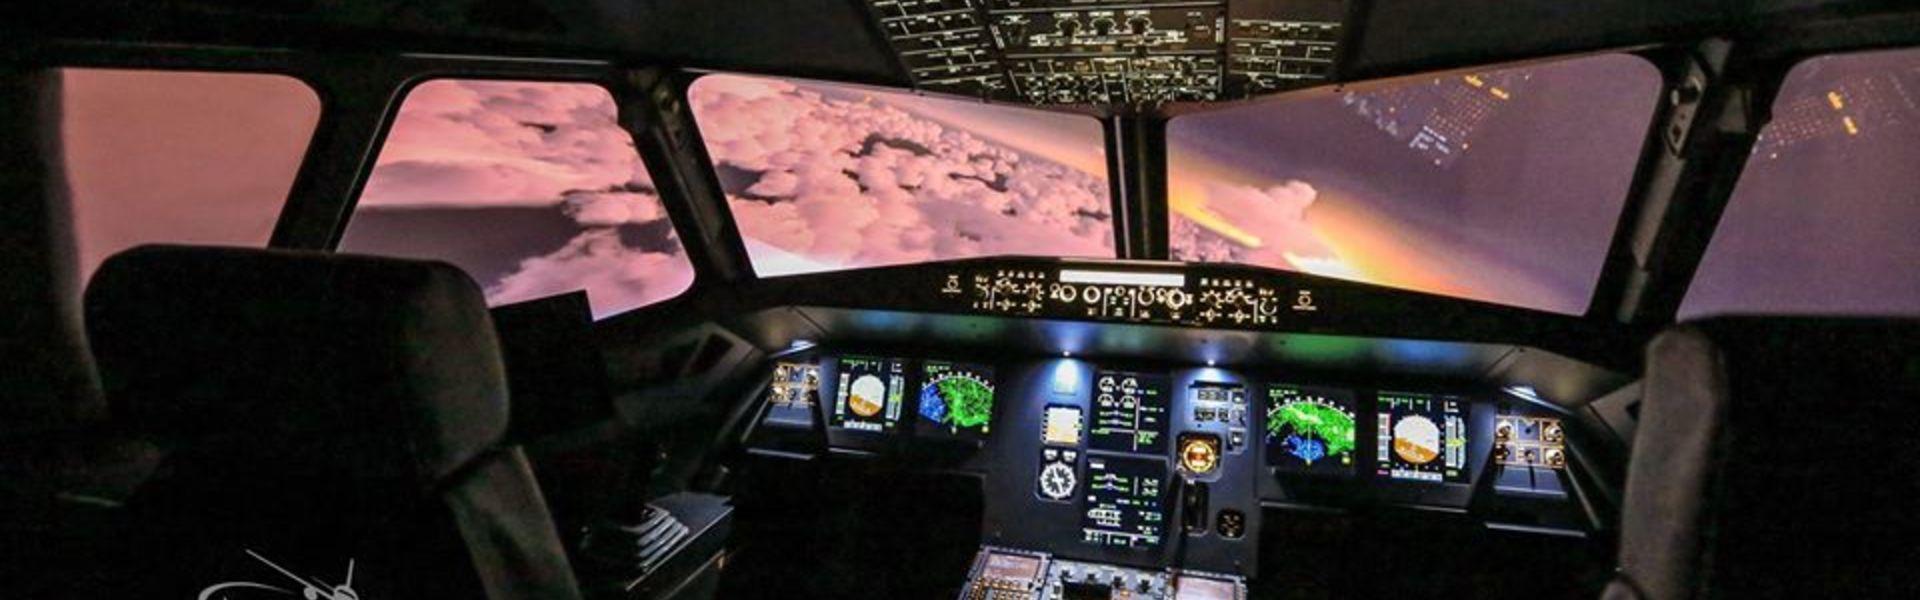 simulateur vol cote d'azur